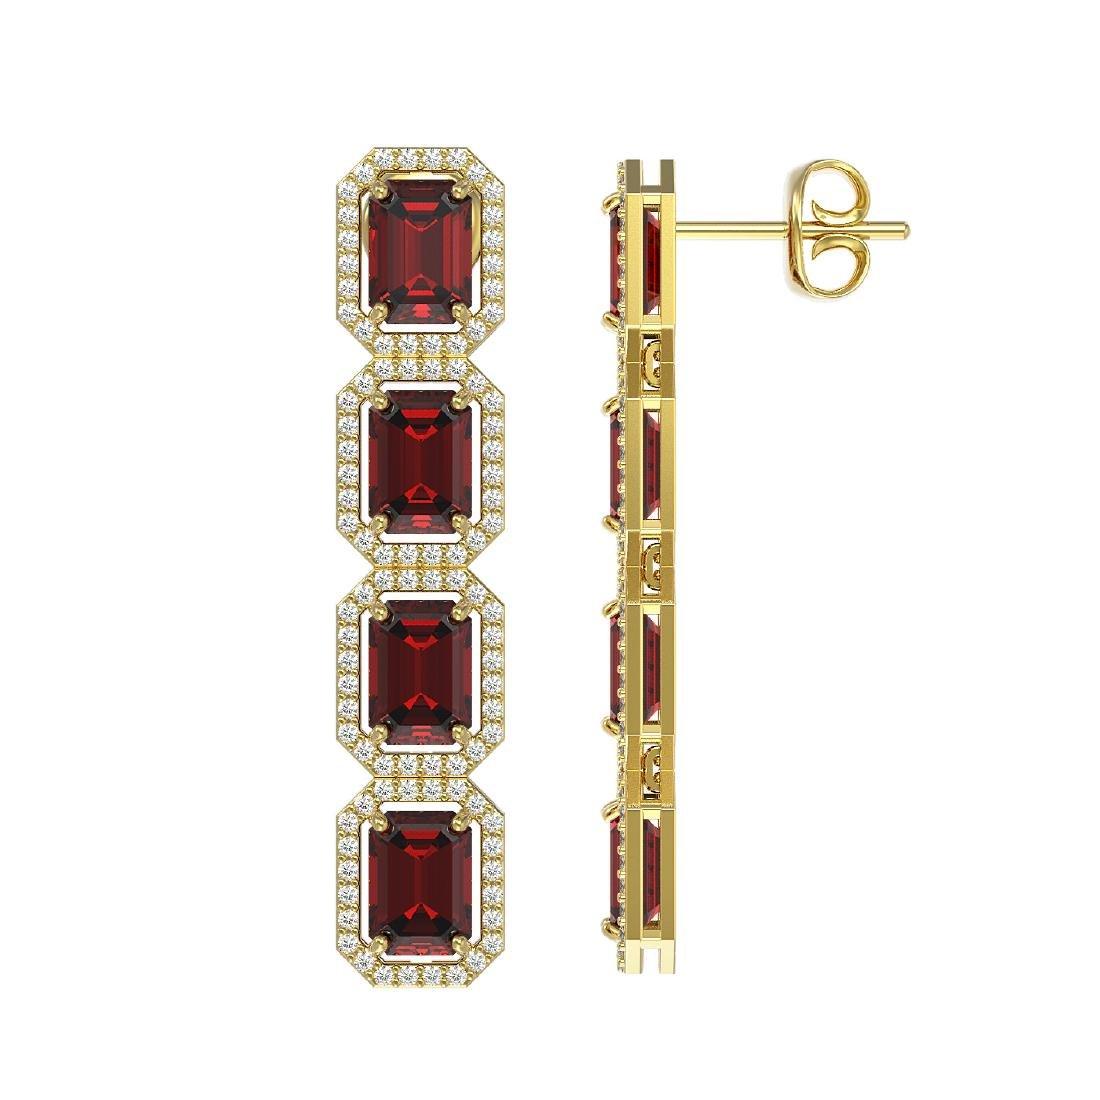 12.73 CTW Garnet & Diamond Halo Earrings 10K Yellow - 2